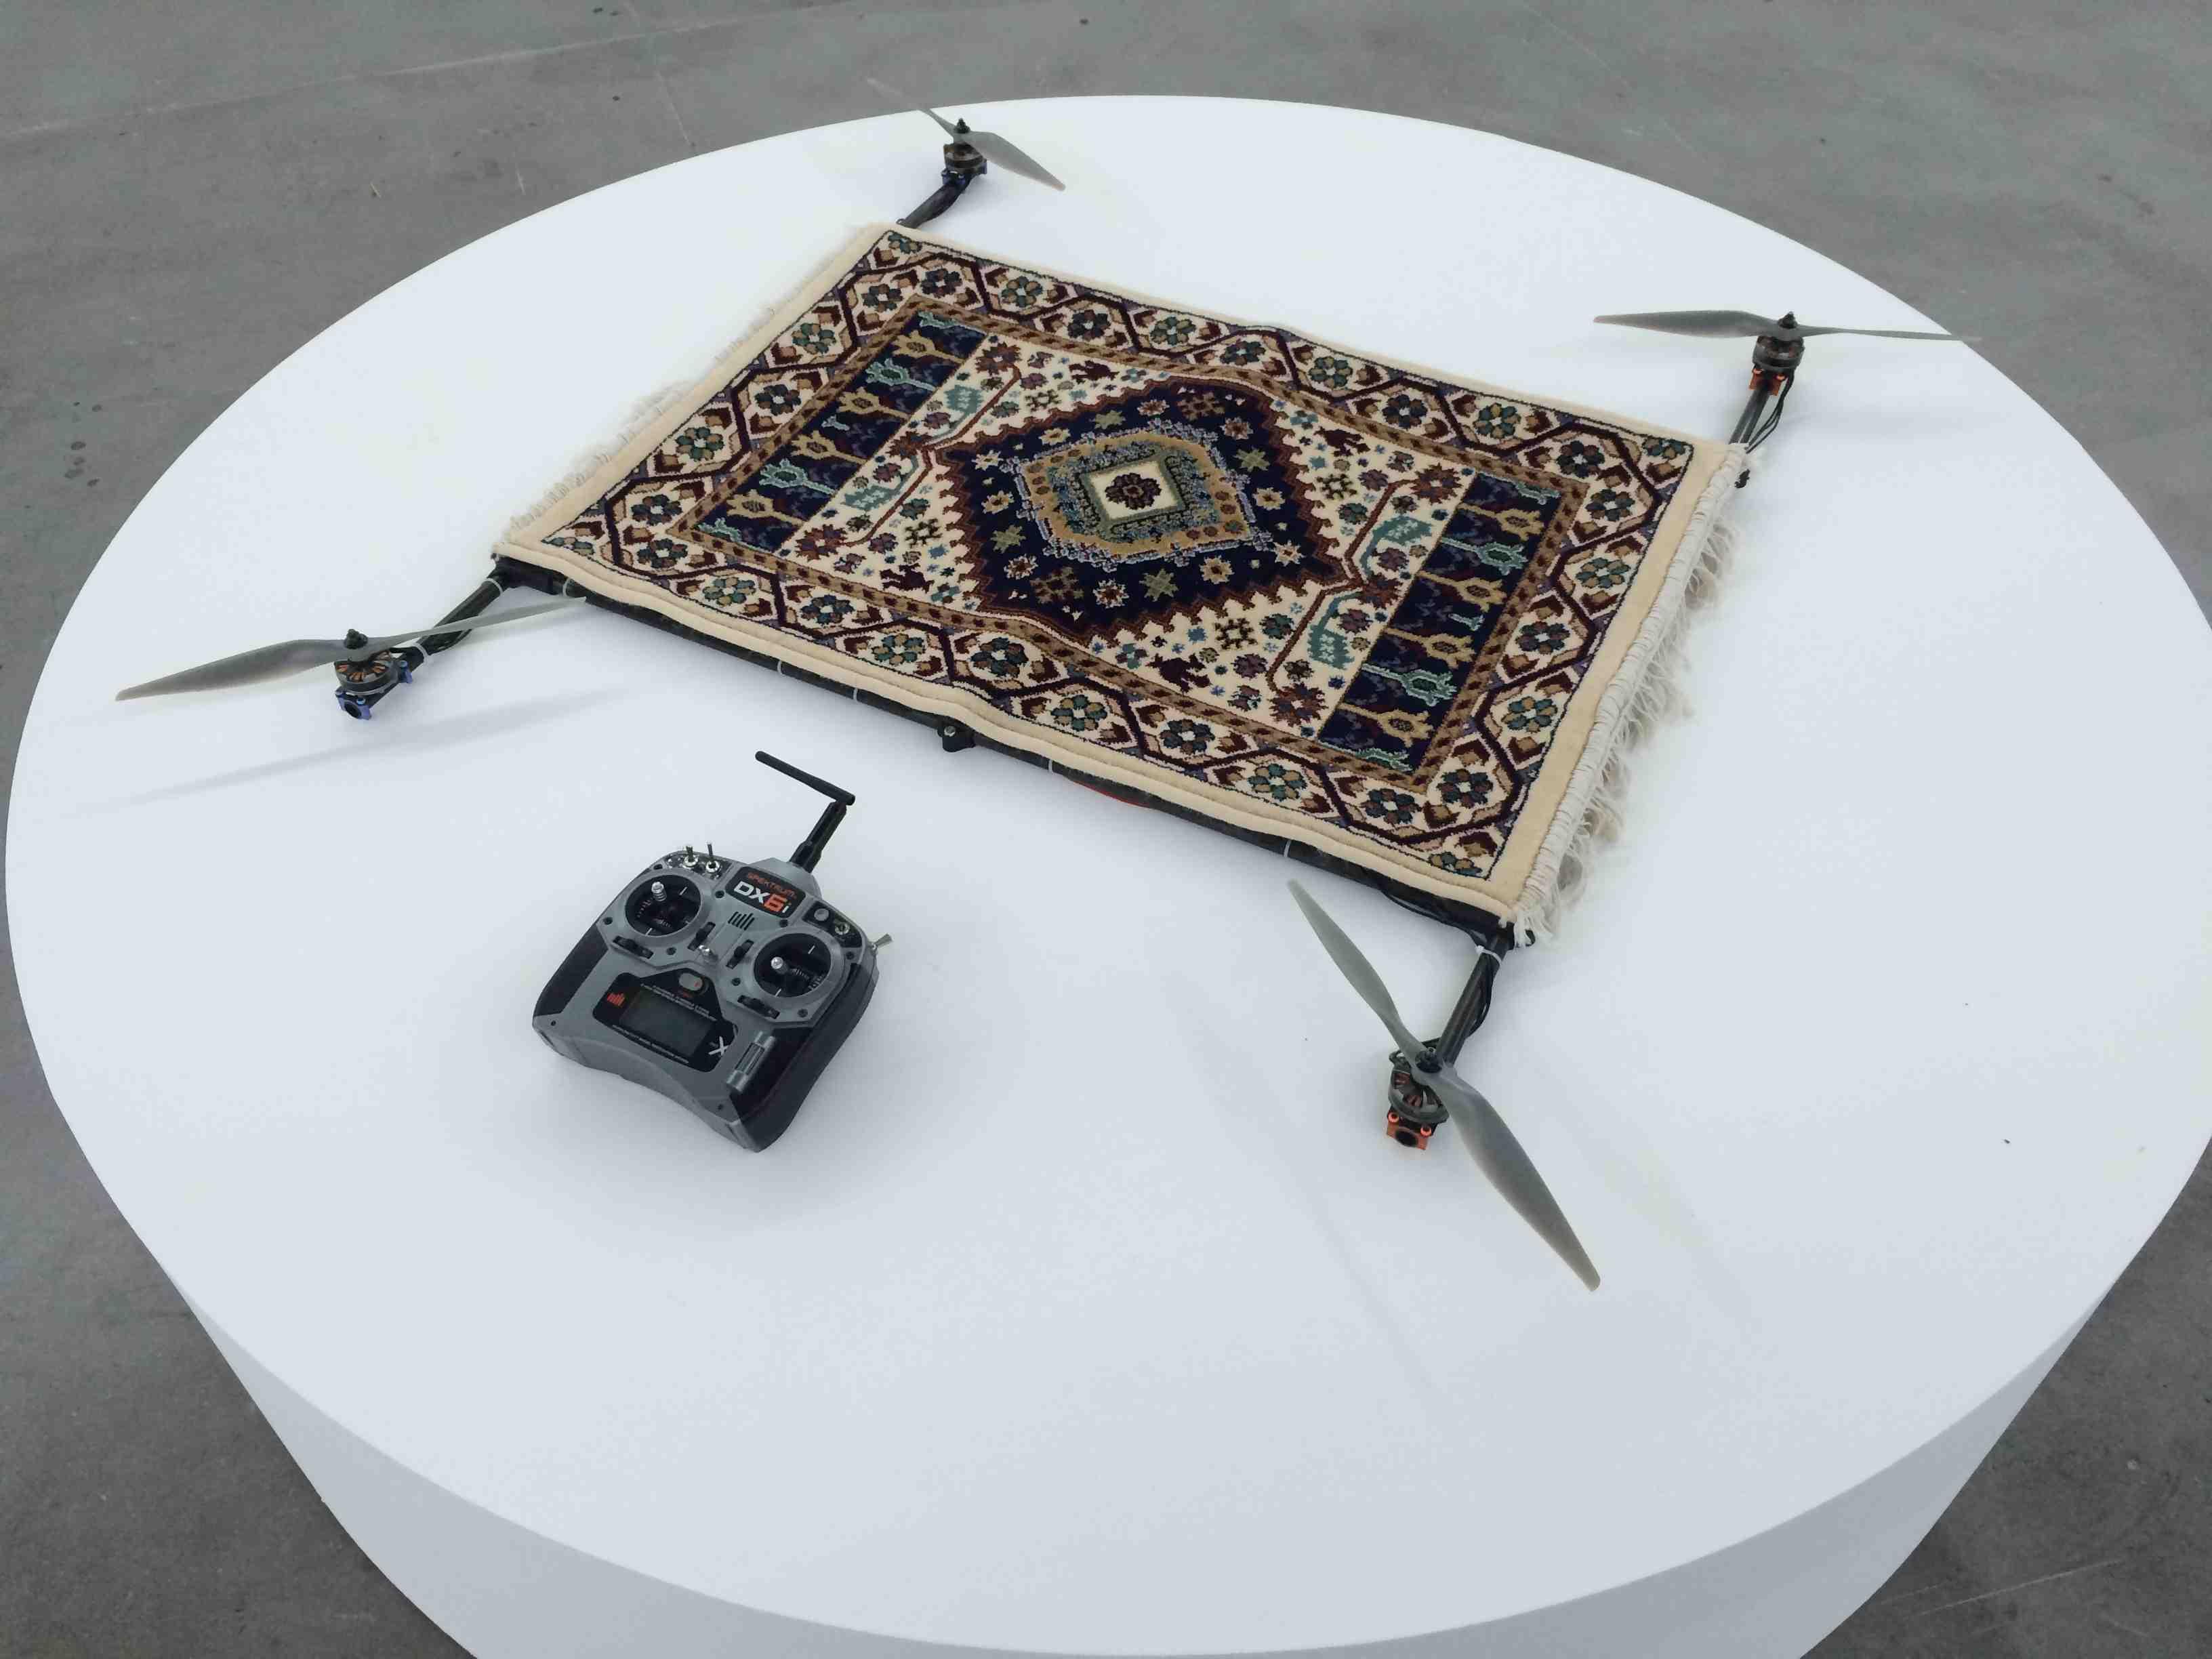 Rising Carpet(2014) de Moussa Sarr, tapis en laine, drones ettélécommande,67 x 106 cm. Photo Numéro.